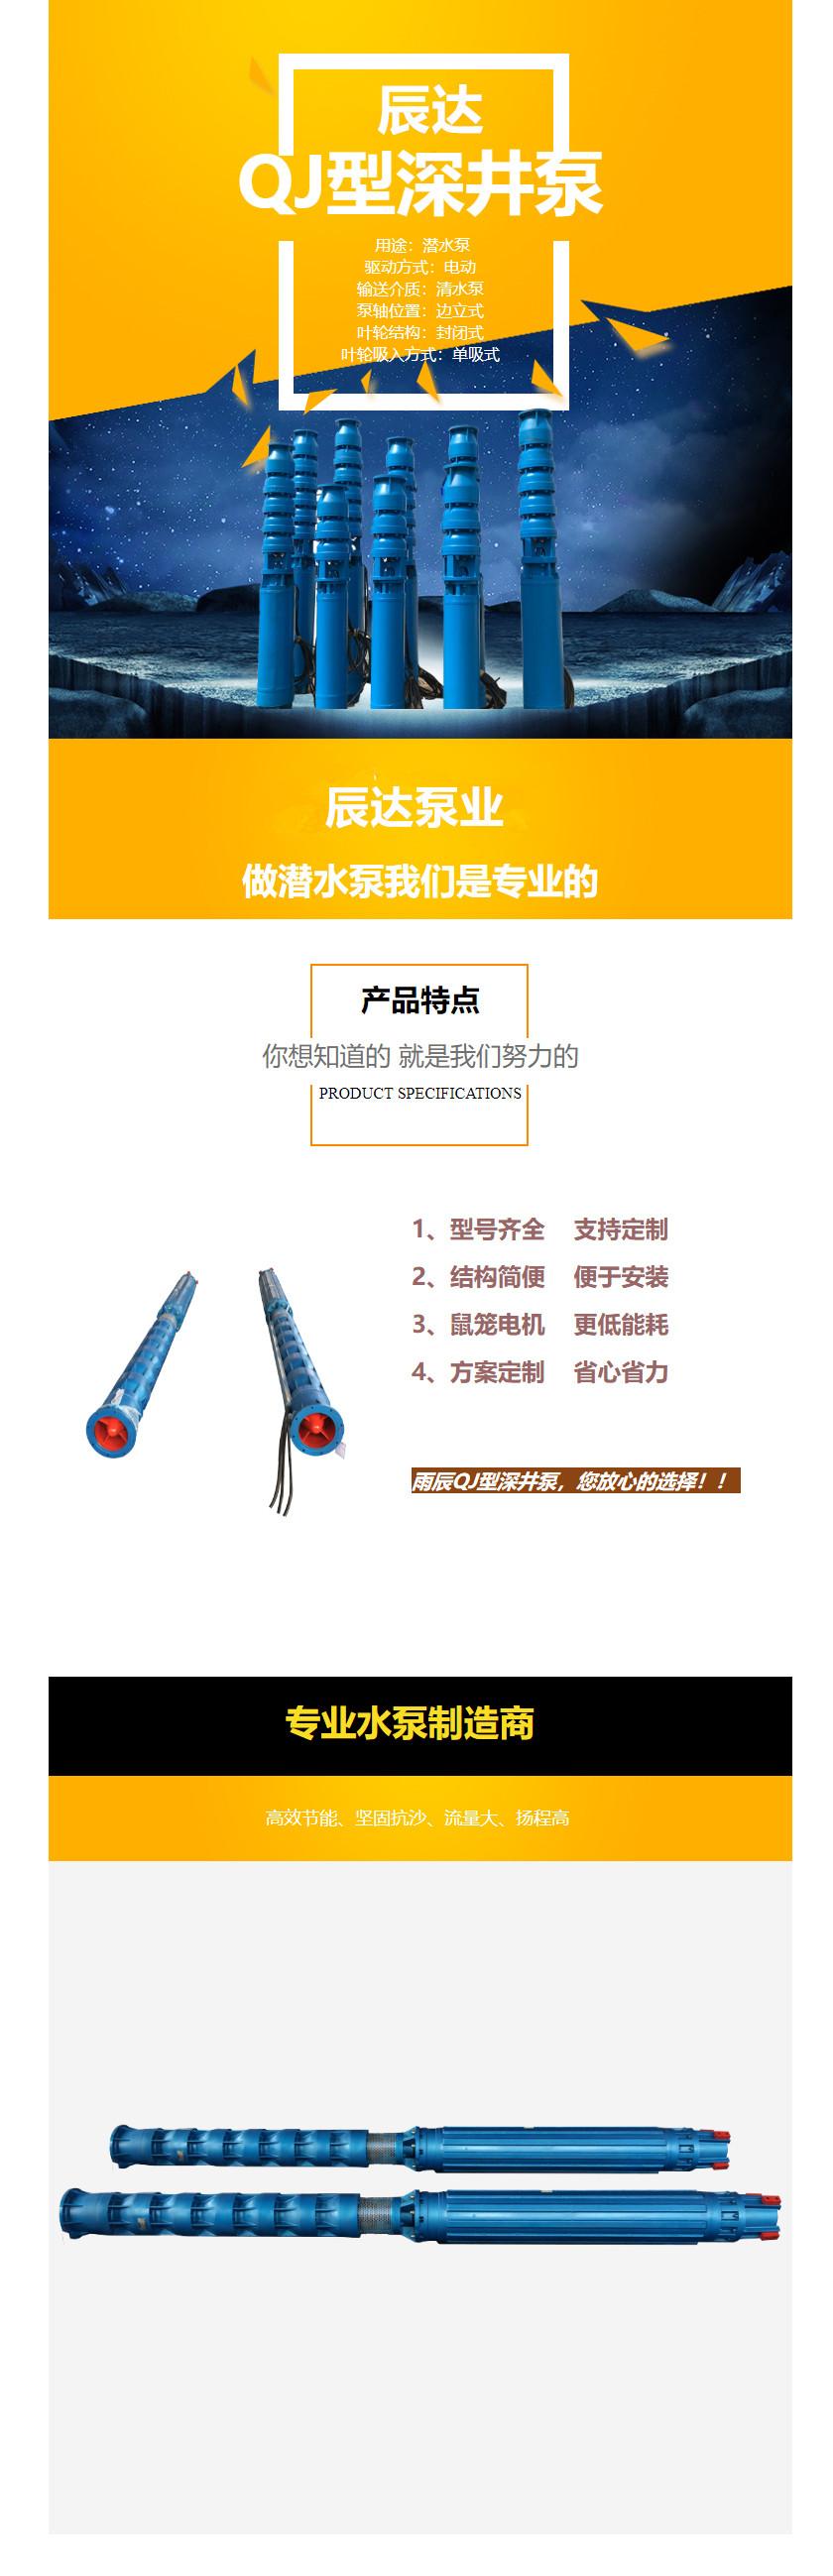 QJ型深井泵04 -1_副本.jpg